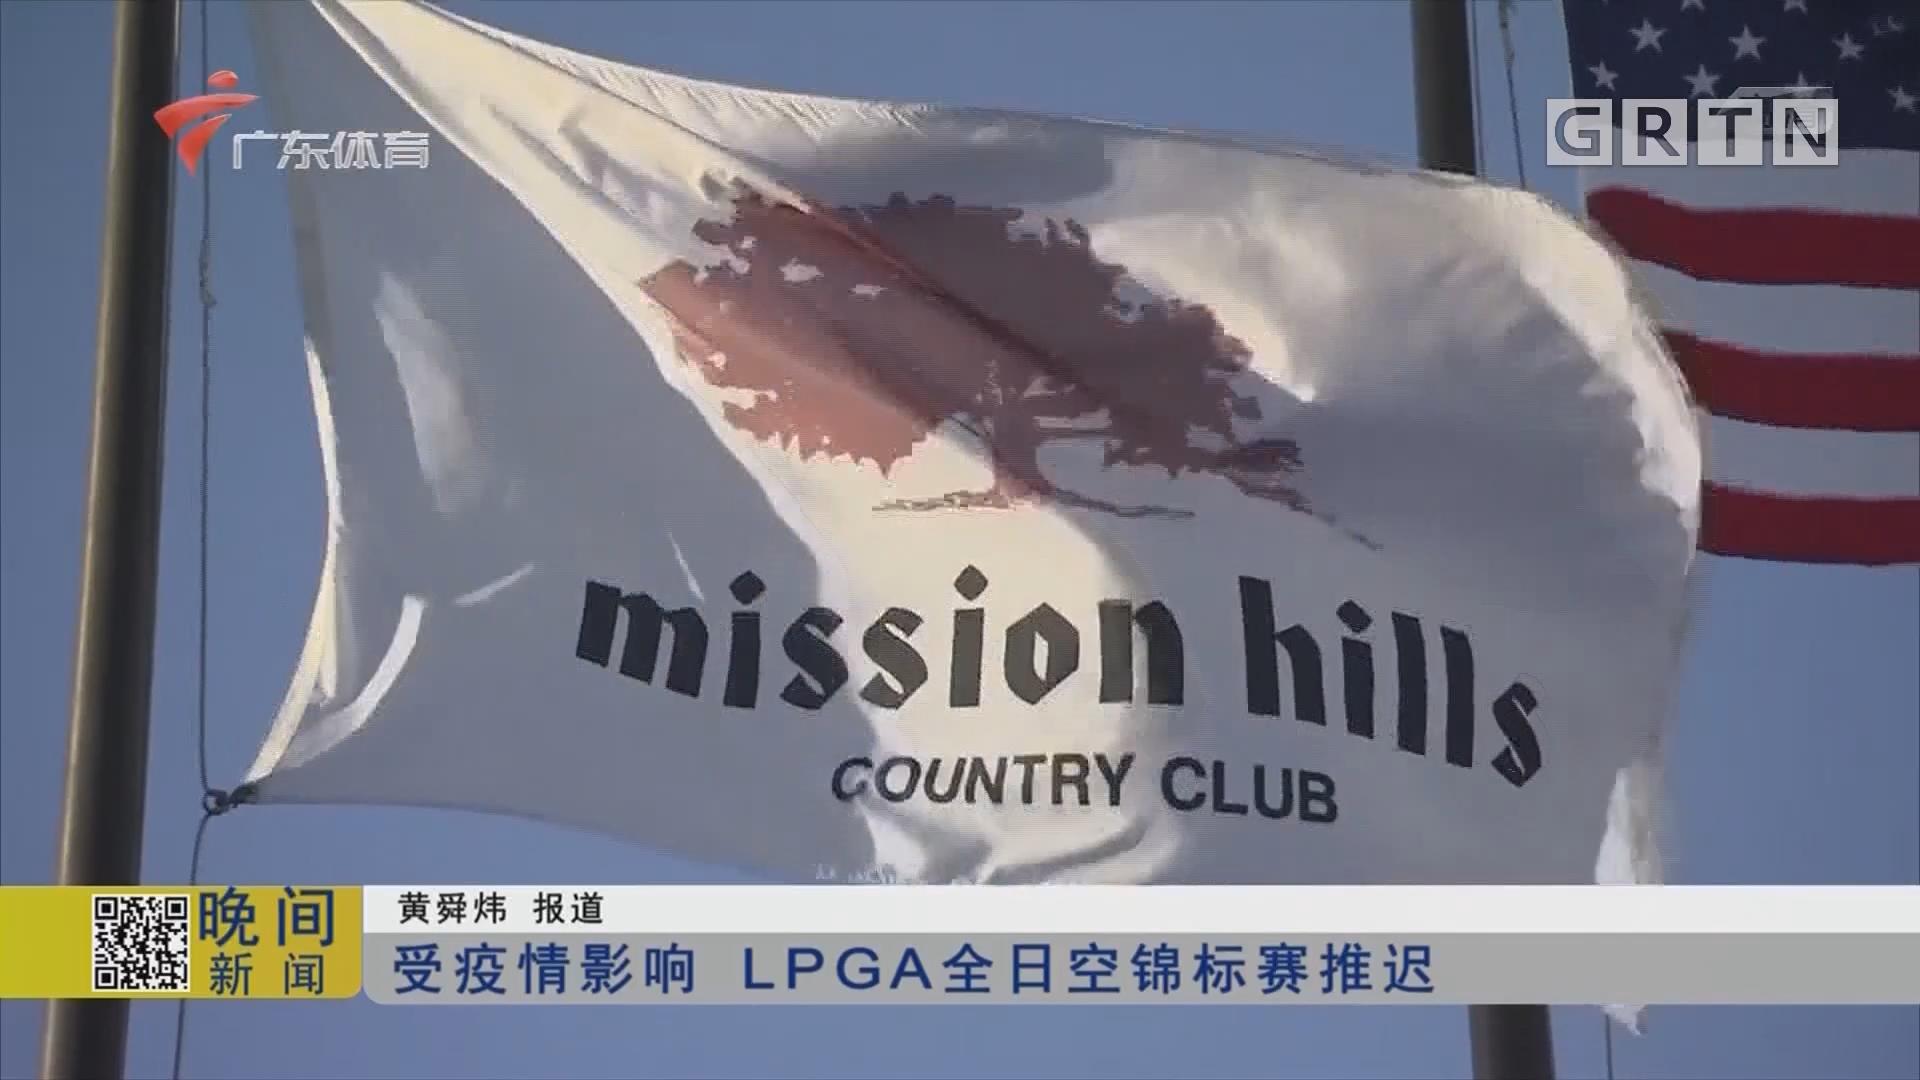 受疫情影响 LPGA全日空锦标赛推迟